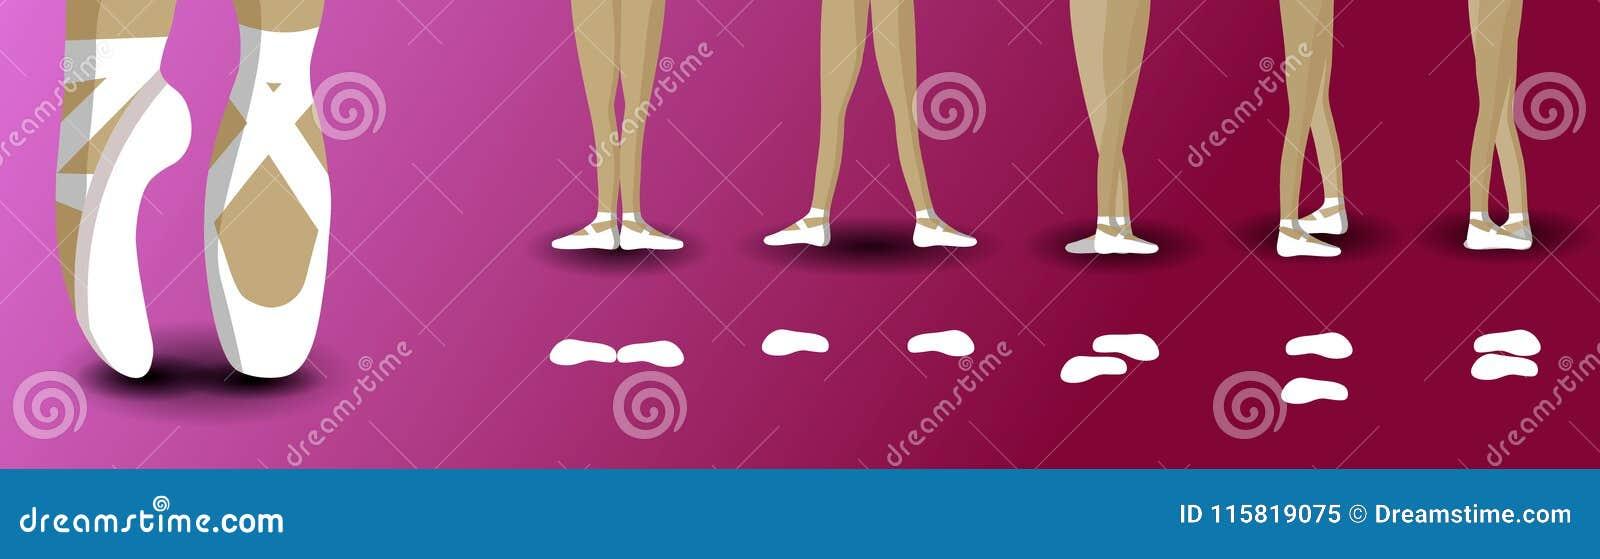 Postures pies en ballet